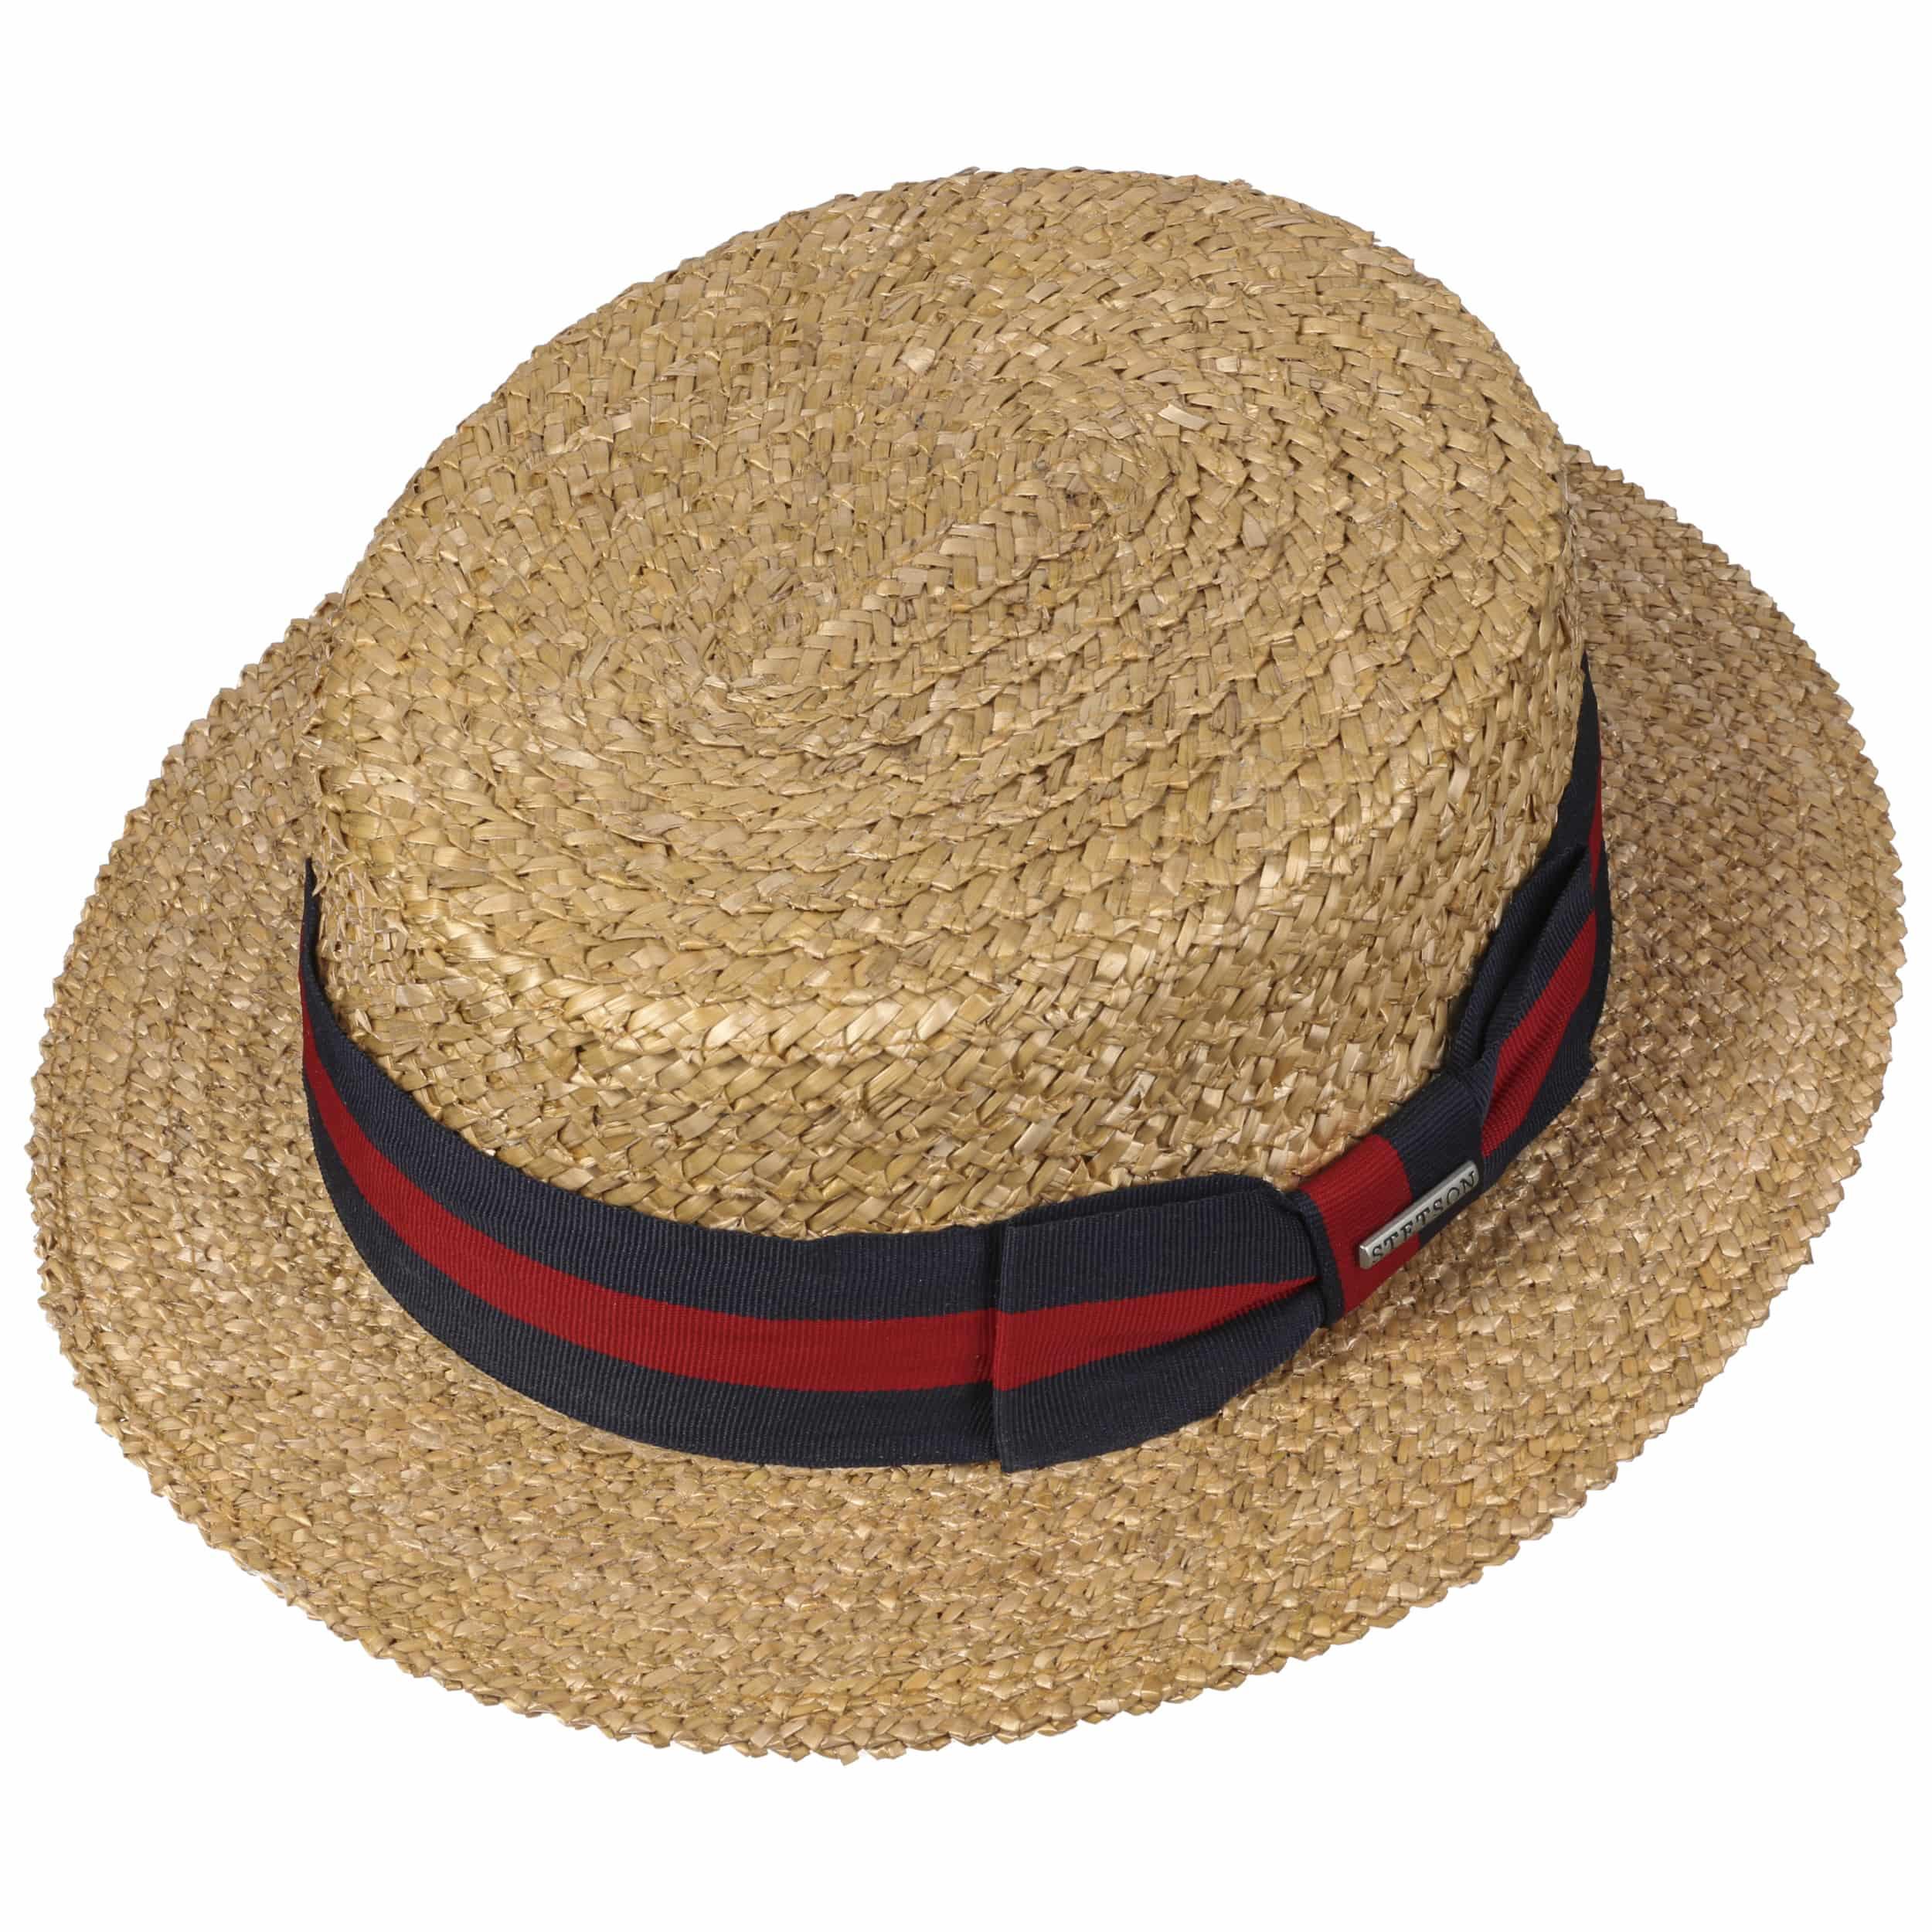 Stetson Boater Wheat Strohhut Kreissäge für Damen und Herren Weizenstroh Sommer